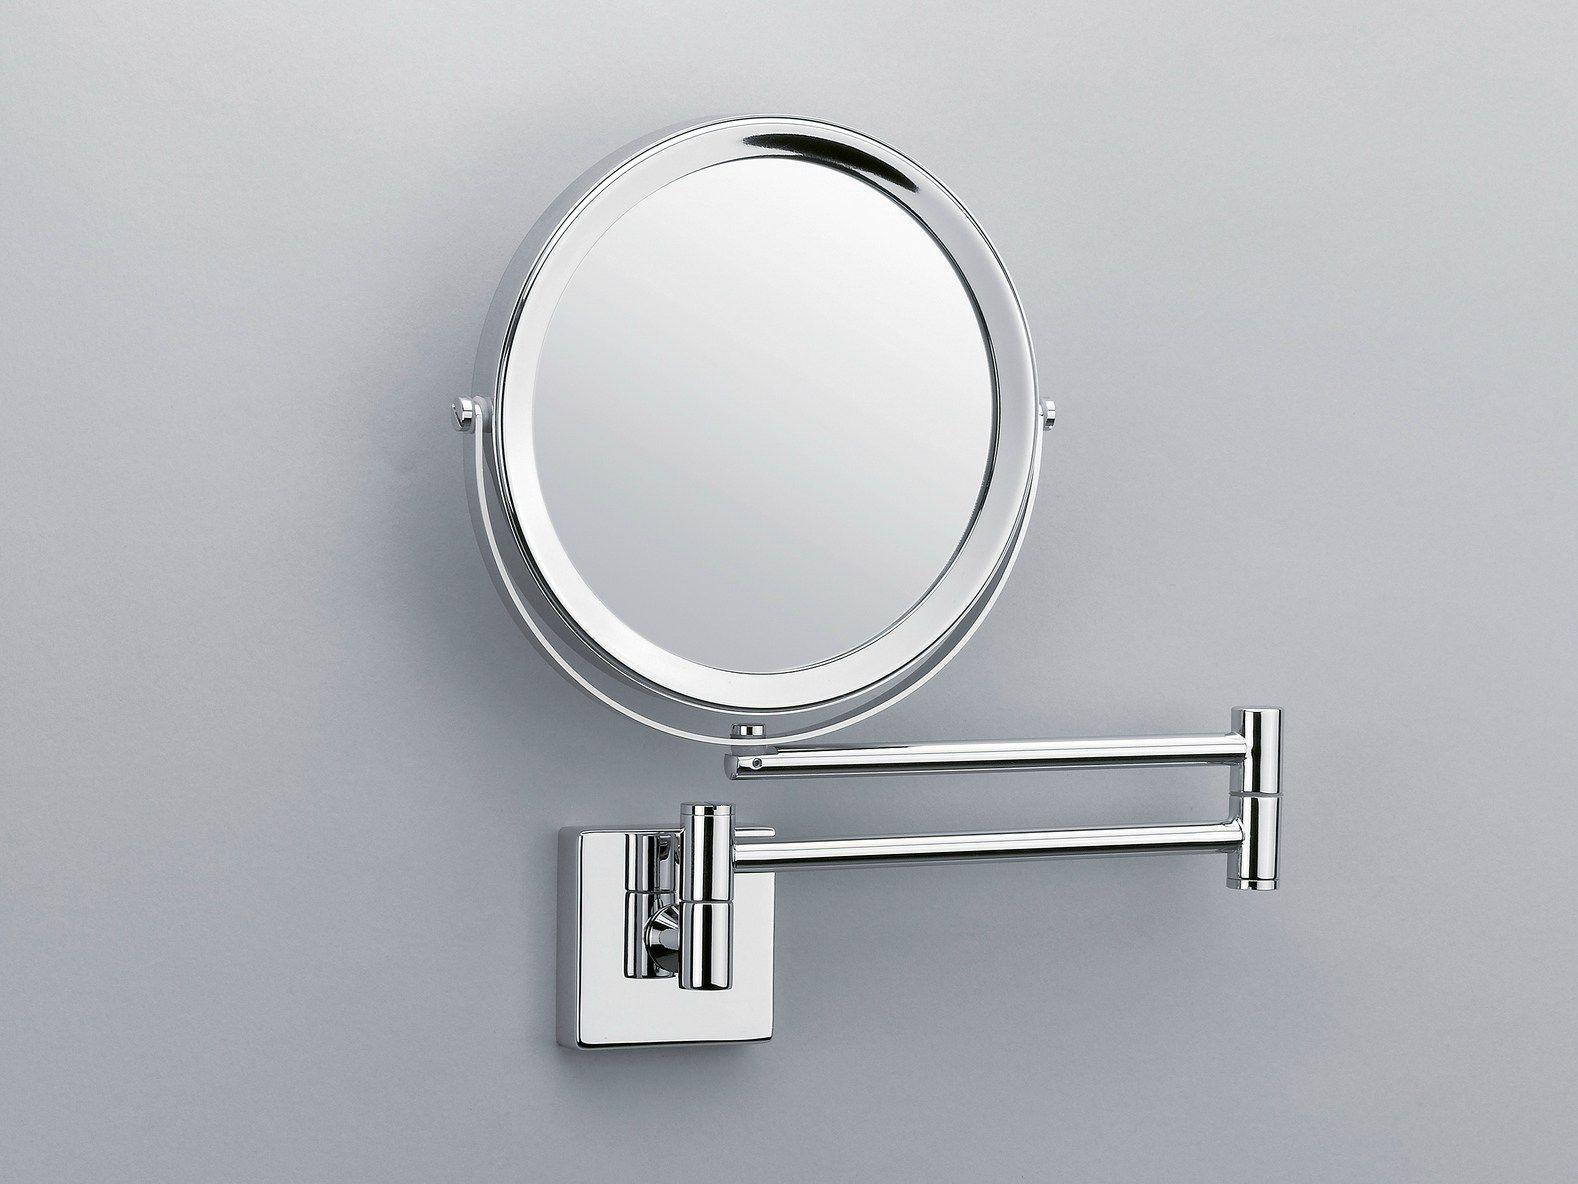 Espelho De Aumento Redondo De Parede Sp 28 2 V By Decor